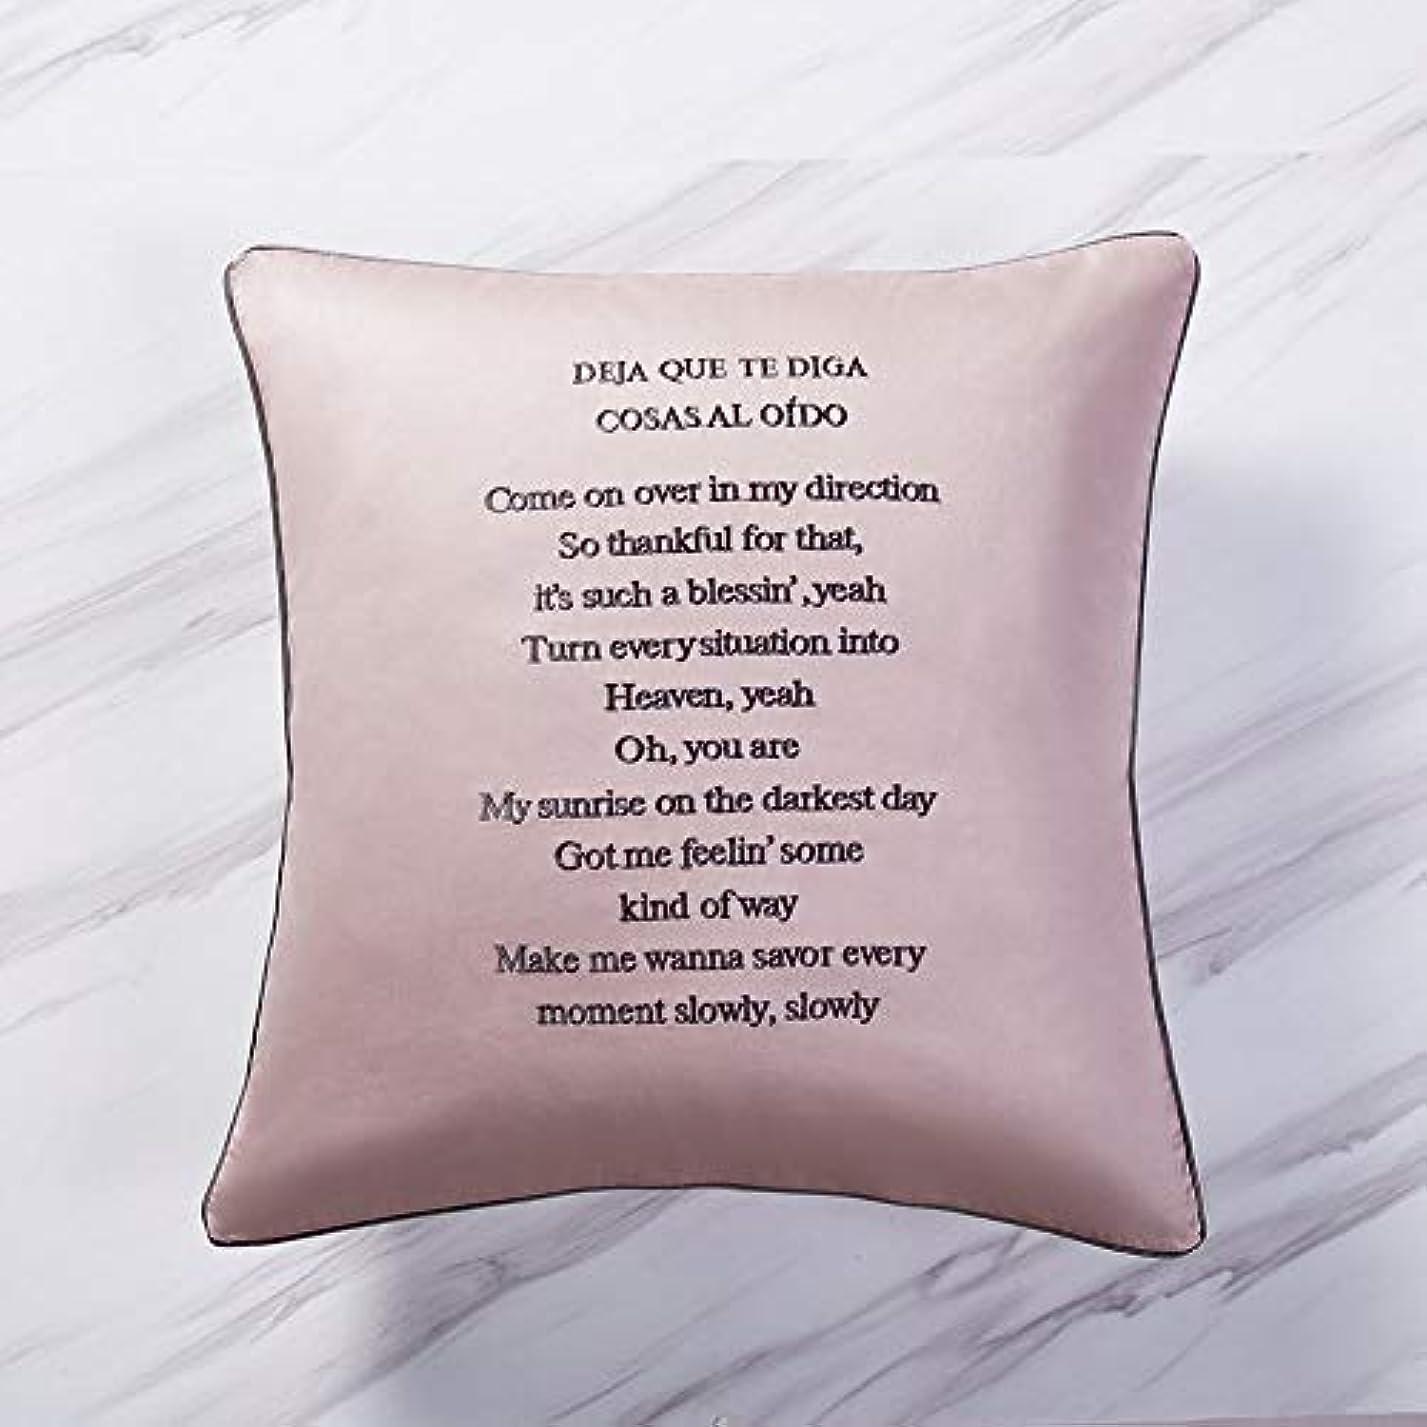 物足りないガジュマル申込み枕 ロングステープルコットン刺繍入りレターピローコットンソファーベッドbyウエストクッションピローケース付きコア (色 : Cream powder, Size : 45*45cm)